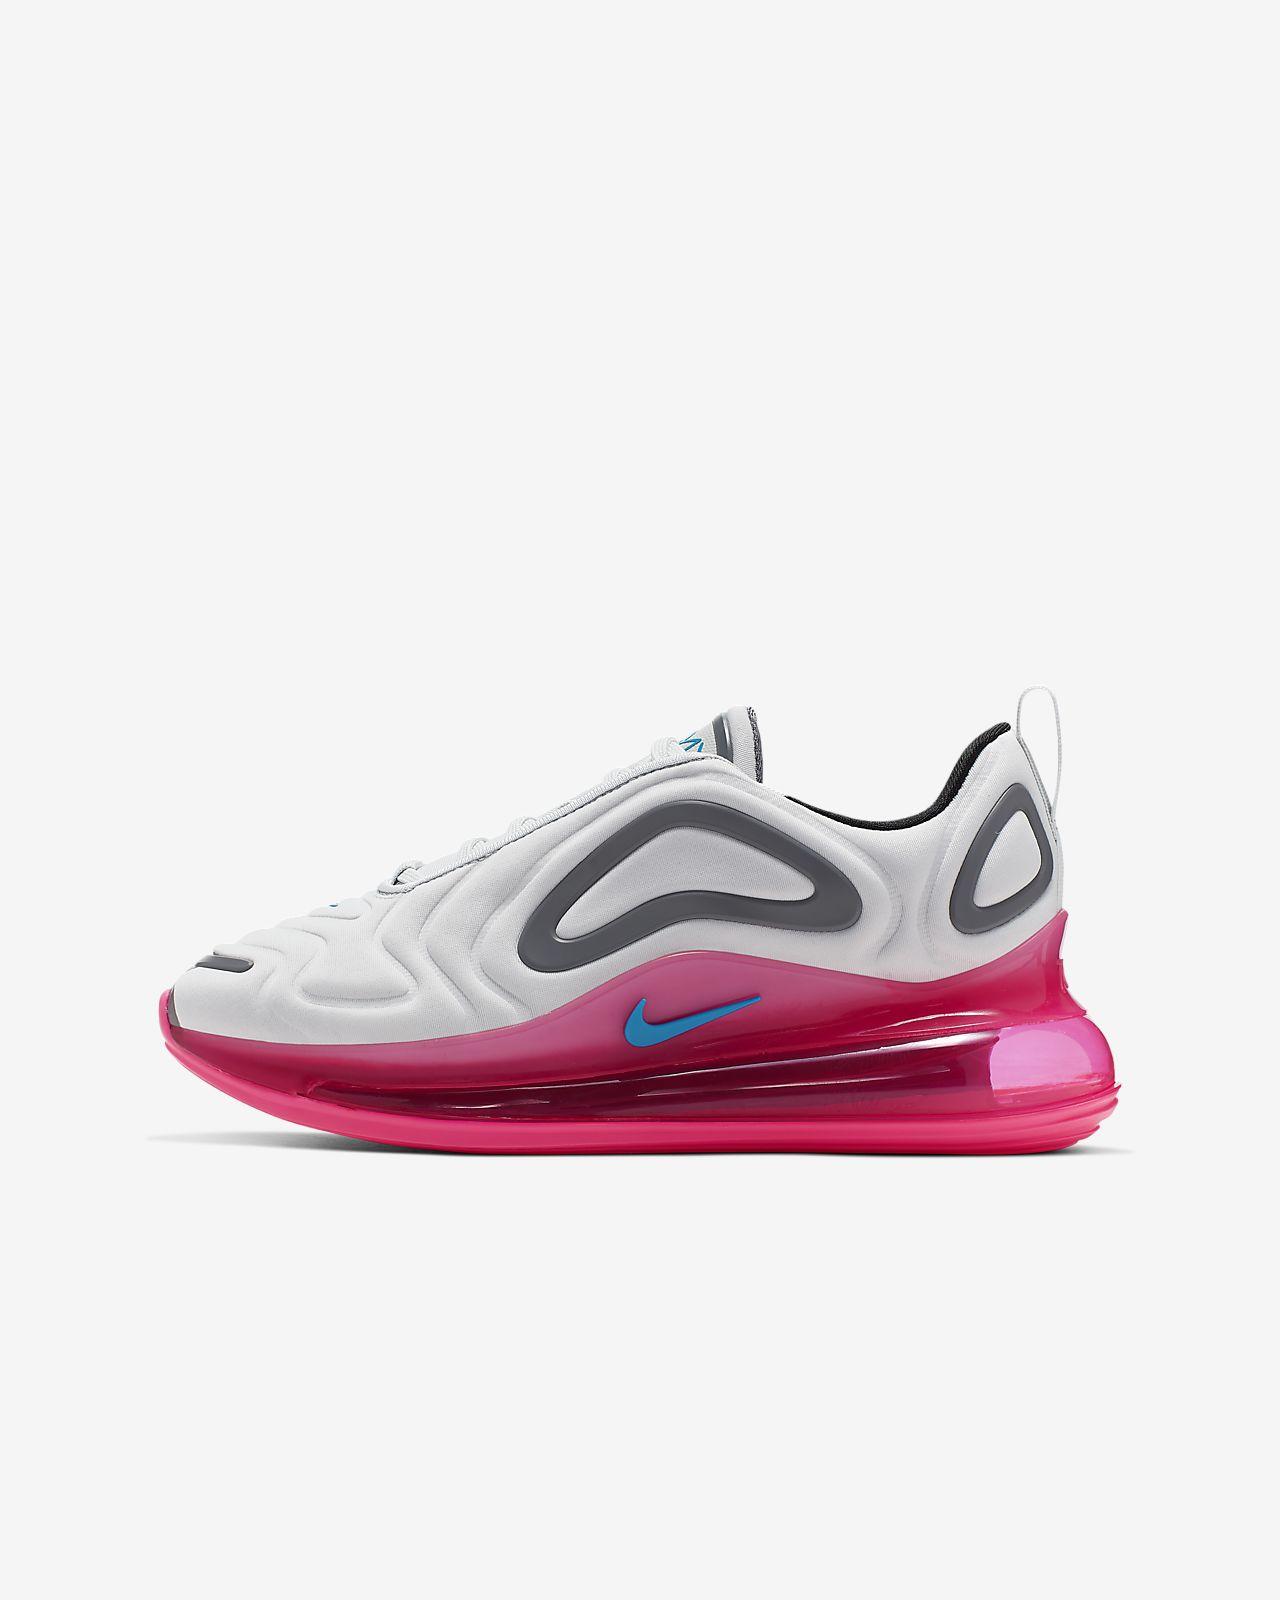 Sapatilhas Nike Air Max 720 Game Change para criança/Júnior